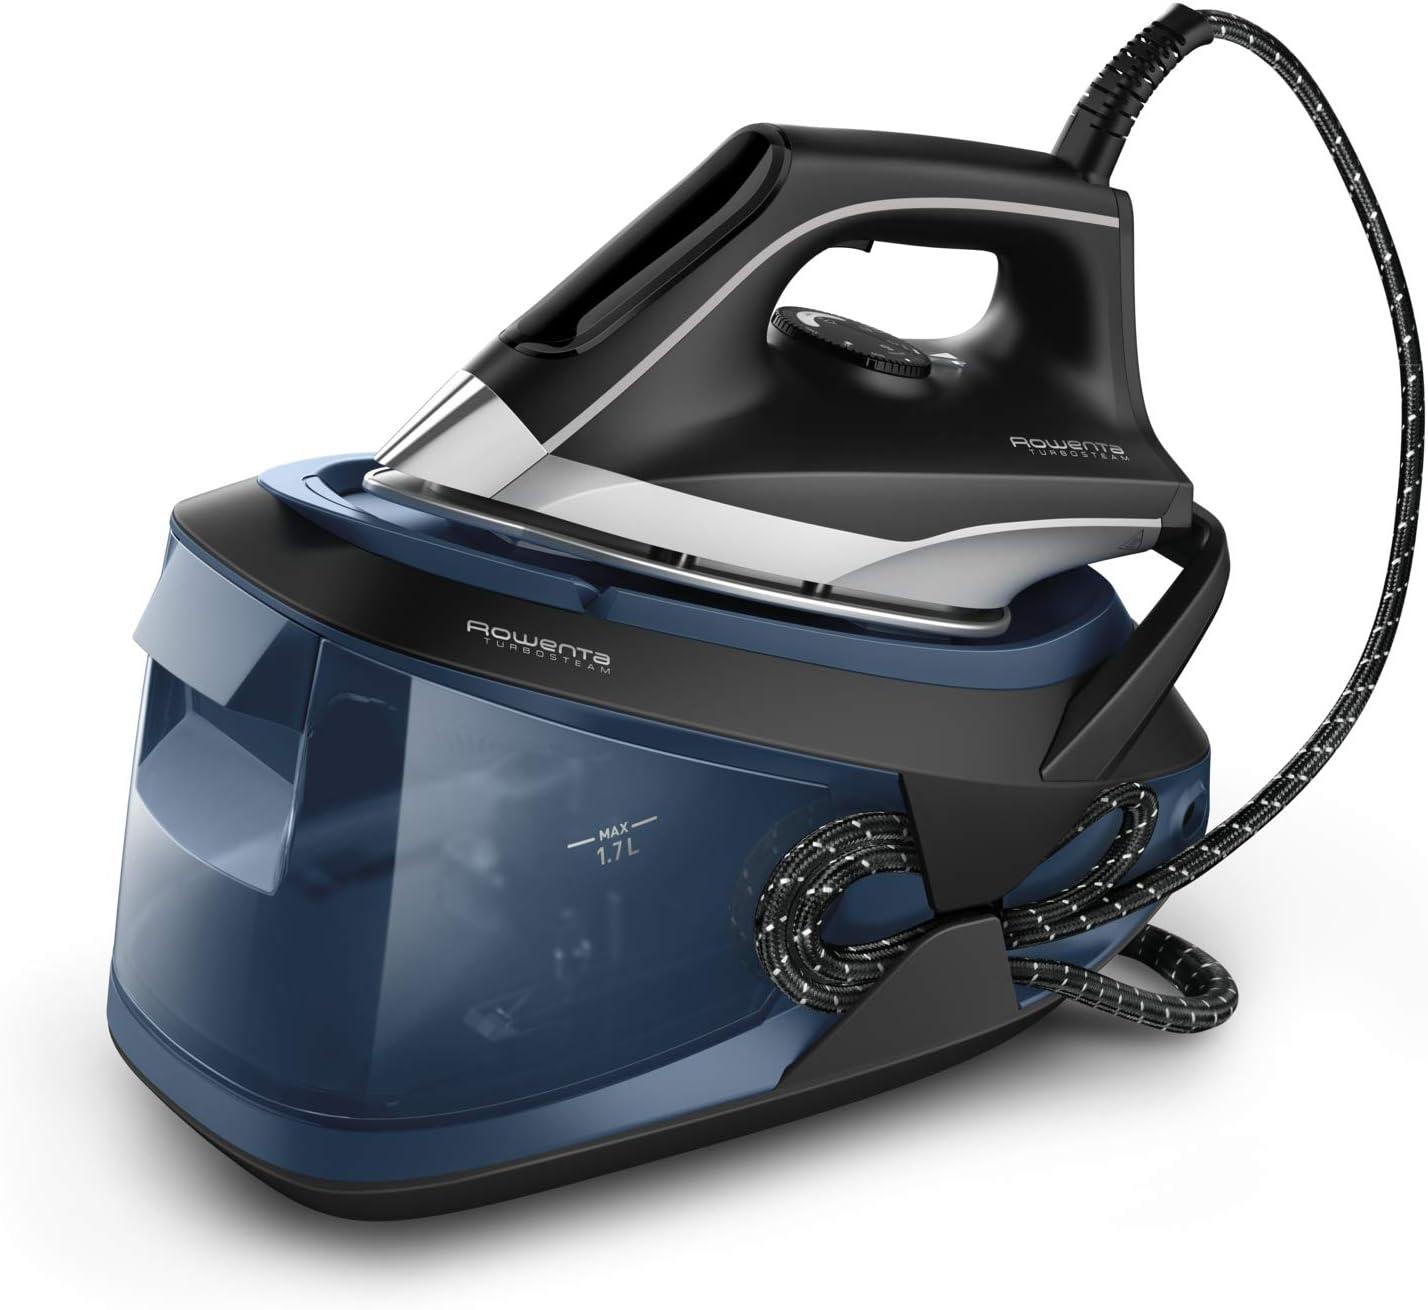 Rowenta Turbosteam VR8322 - Centro de planchado con 6.5 bares, 2600 W, golpe de vapor de 370 g/m, suela MiscroSteam 400